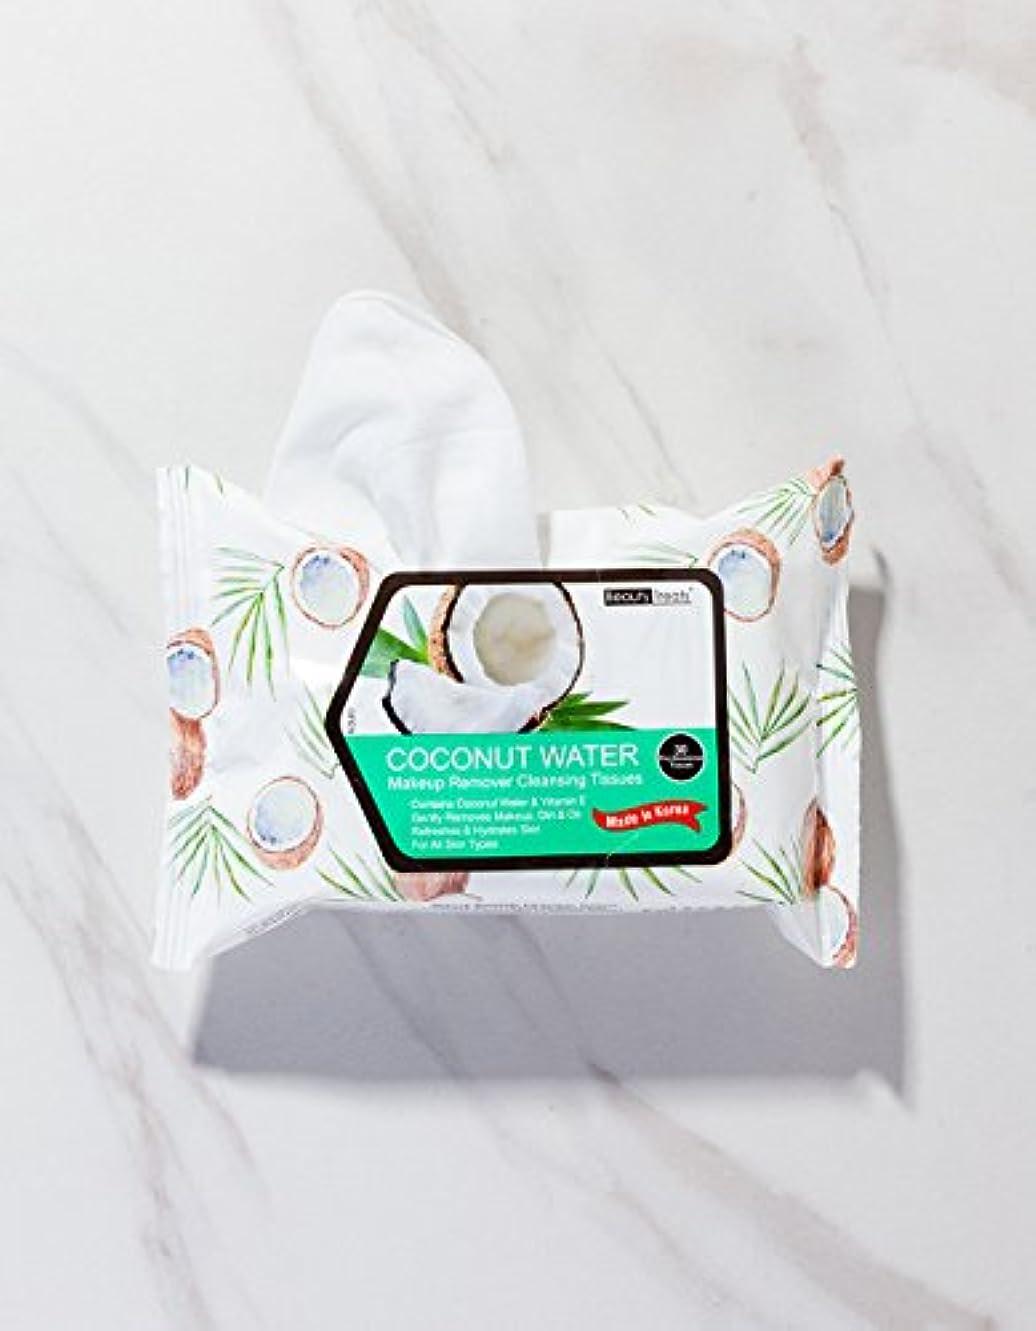 彼専門用語アプローチBEAUTY TREATS Coconut Water Makeup Remover Cleaning Tissues (並行輸入品)